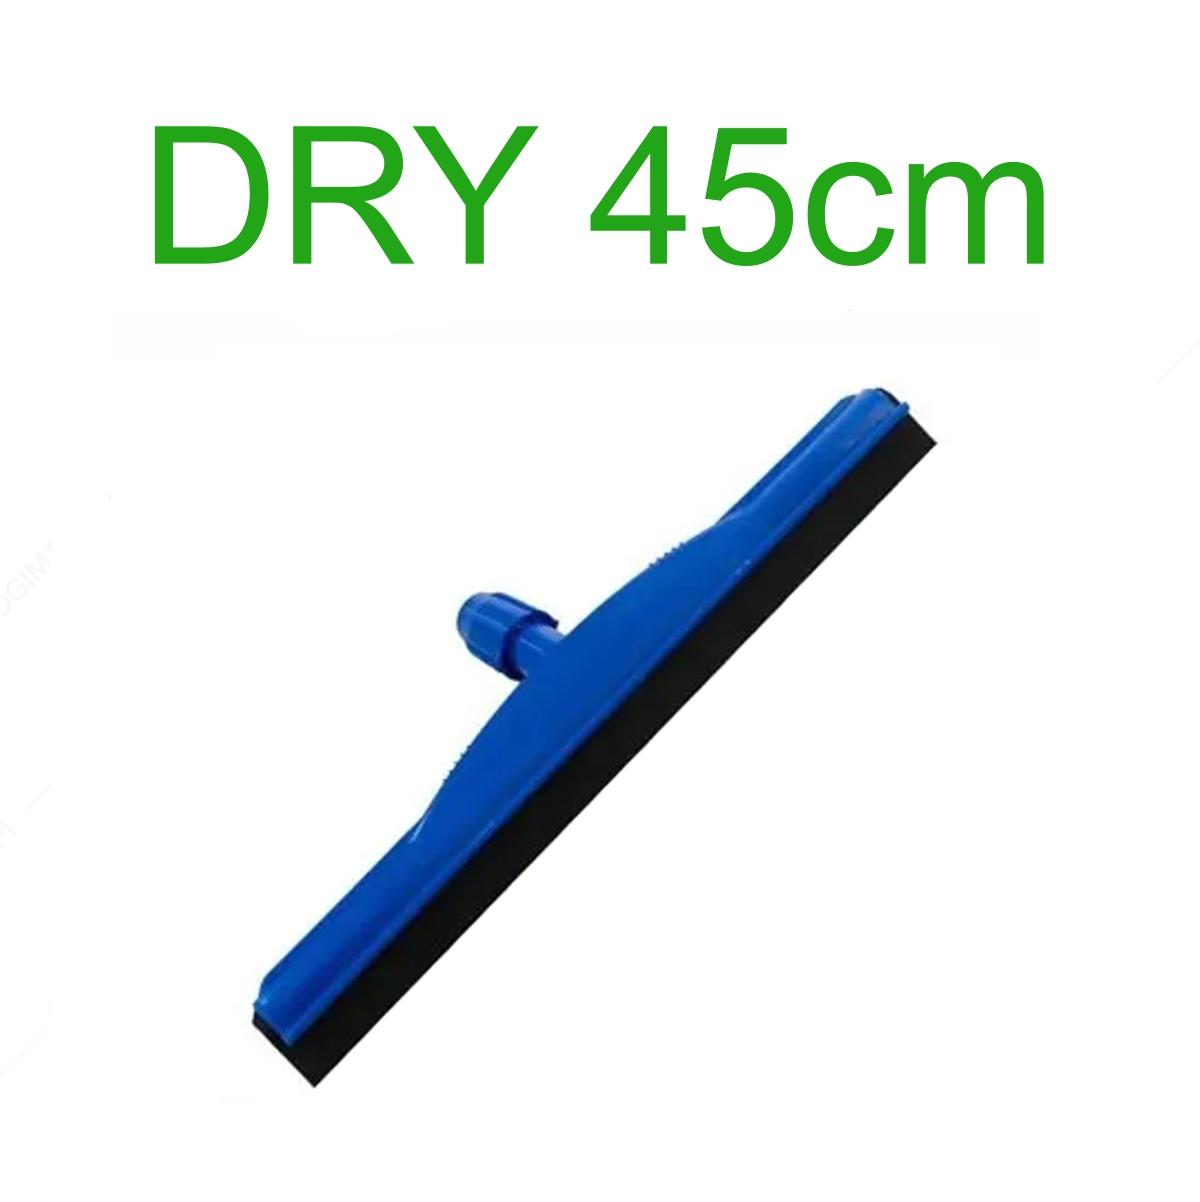 Rodo Euro Ultra Dry Azul Bralímpia - 45cm